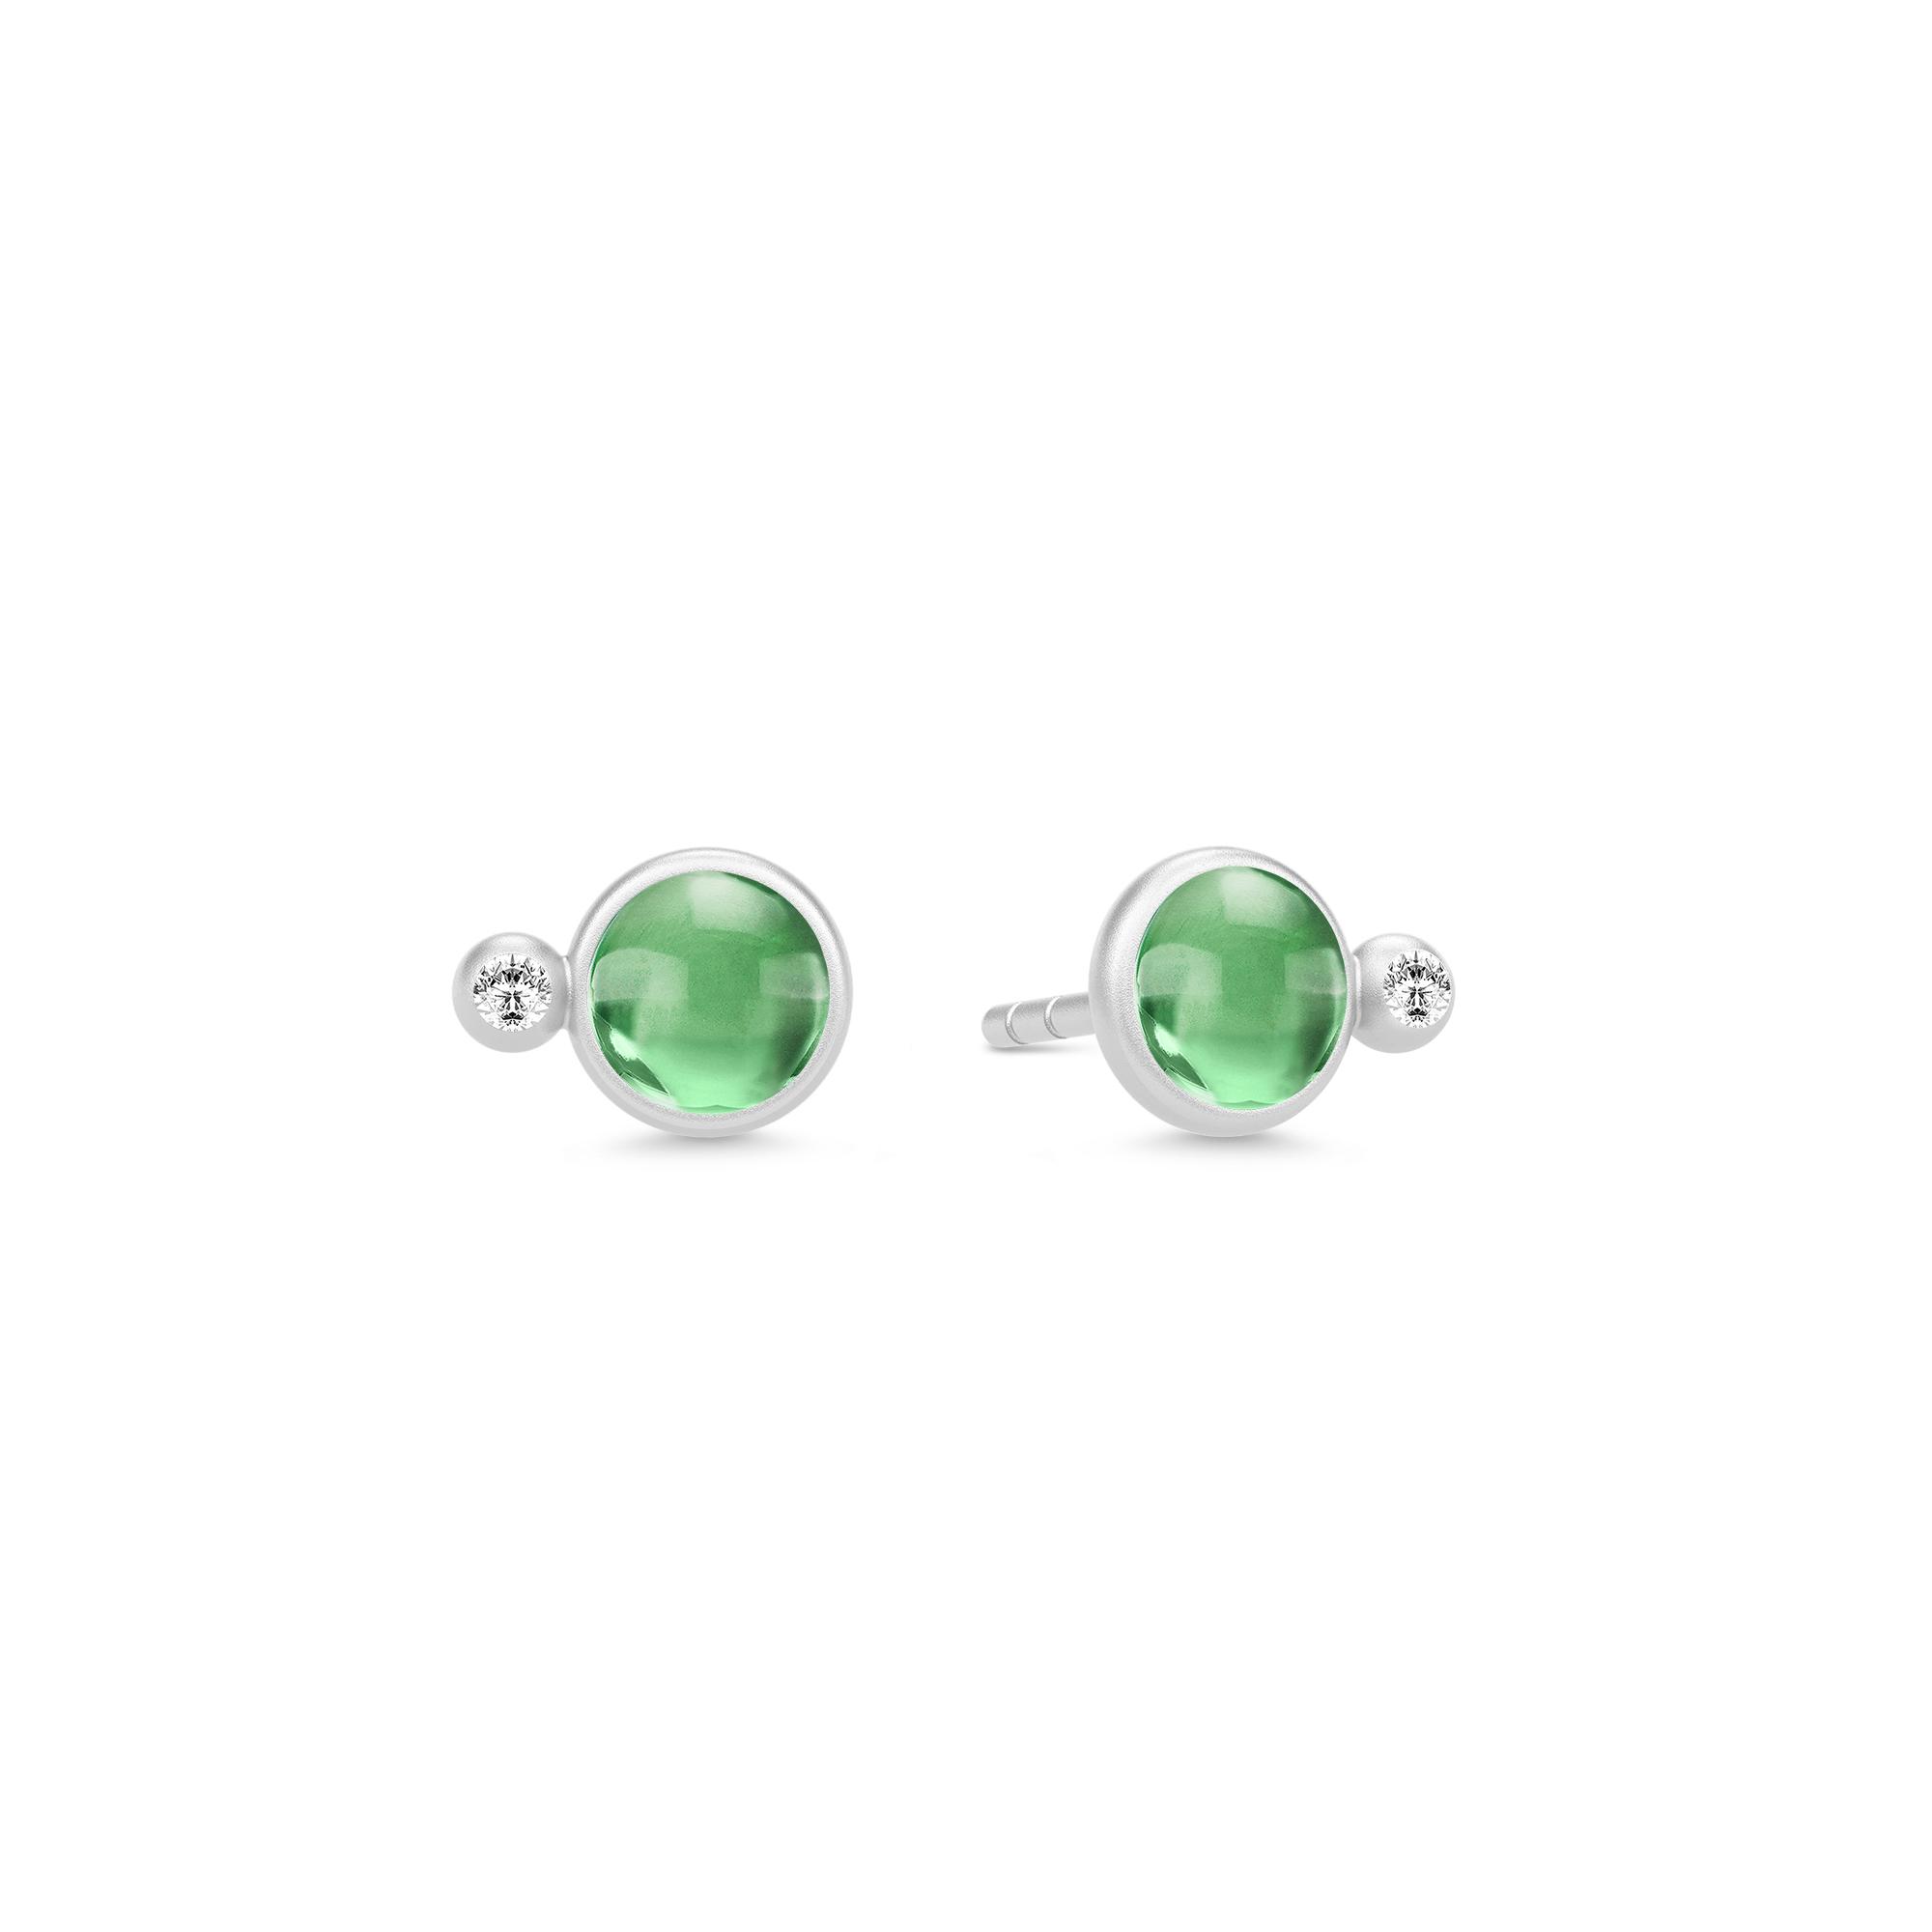 Billede af JulieSandlau Prime ørestikker i sølv med grøn krystal og zirkon